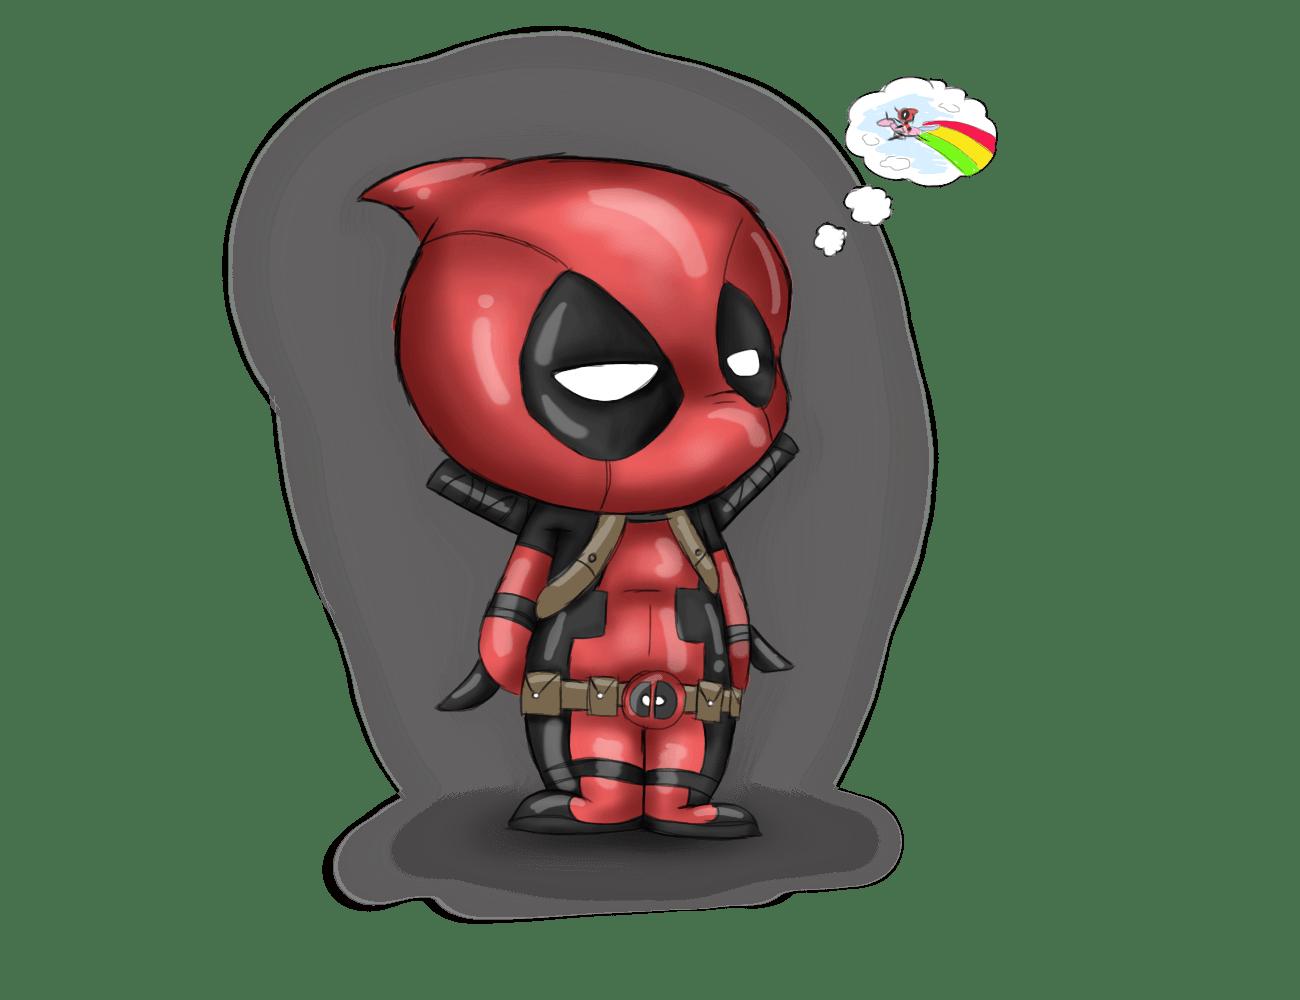 Kawaii Deadpool Wallpapers Top Free Kawaii Deadpool Backgrounds Wallpaperaccess